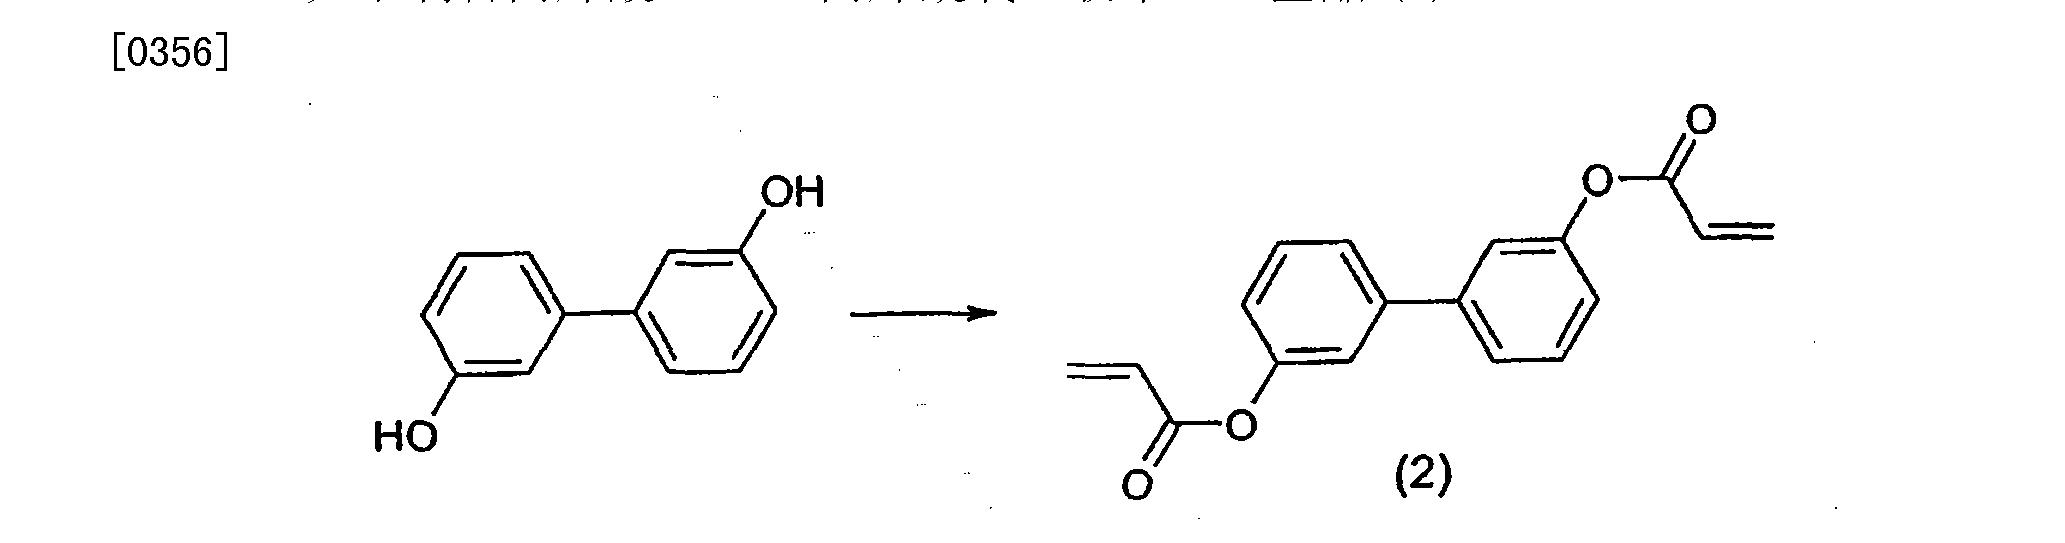 Figure CN101848978BD00693